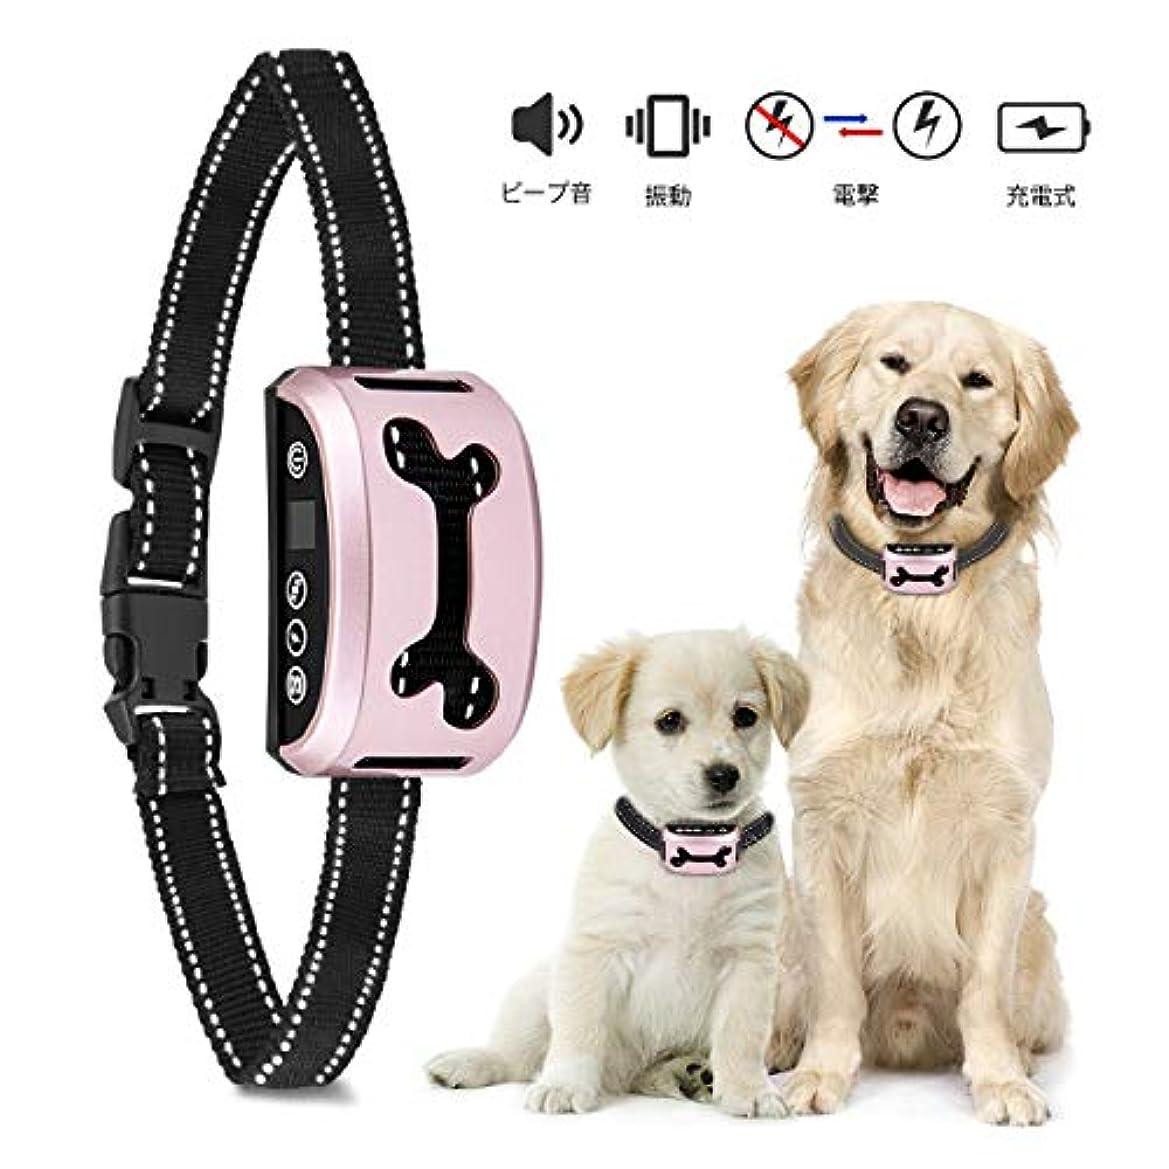 司令官知覚的頻繁にFOCHEA 無駄吠え防止 全自動 充電式 静電ショック ペットトレーニング 犬の訓練首輪 訓練用 7段階の調整可能な感度 LCDディスプレー IP67防水 安眠妨害解決 電池内蔵500mA 犬しつけ首輪 愛犬しつけ用バークコントロール 小中大型犬に適用 ローズゴールド